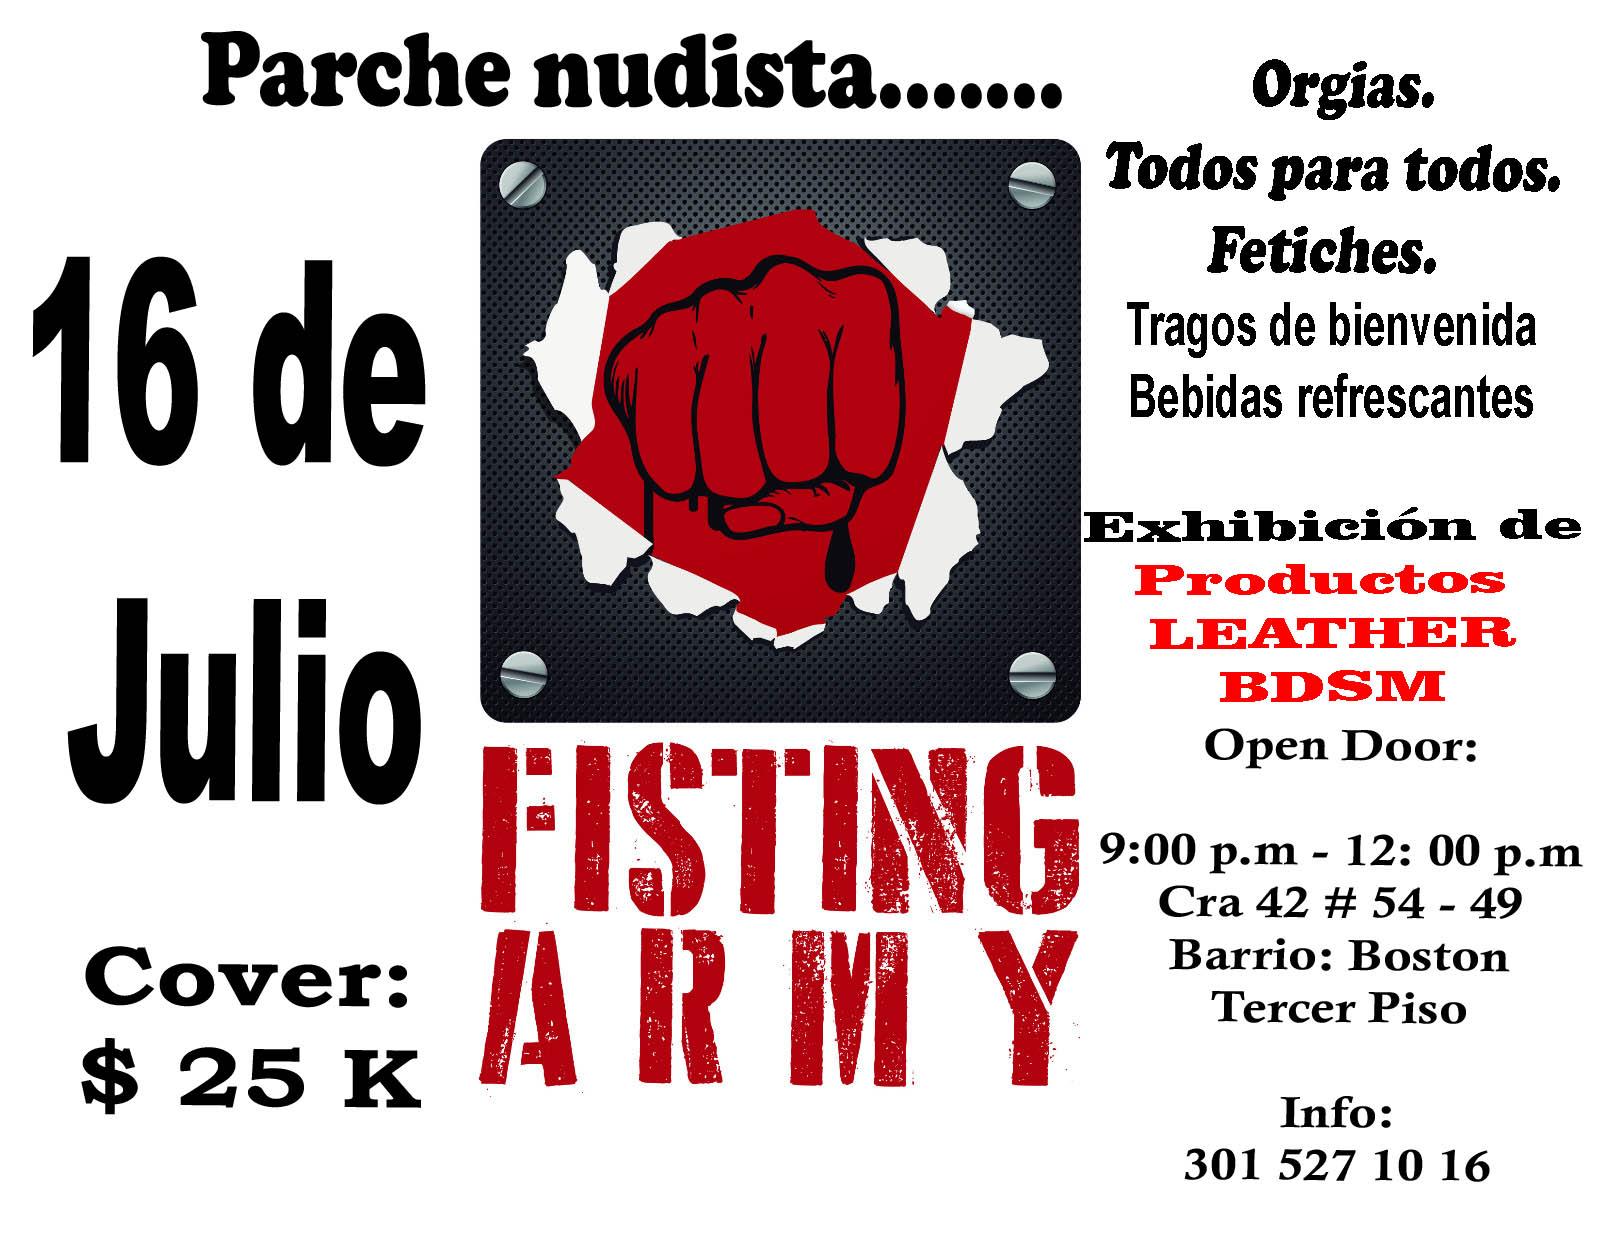 Parche en Medellin.